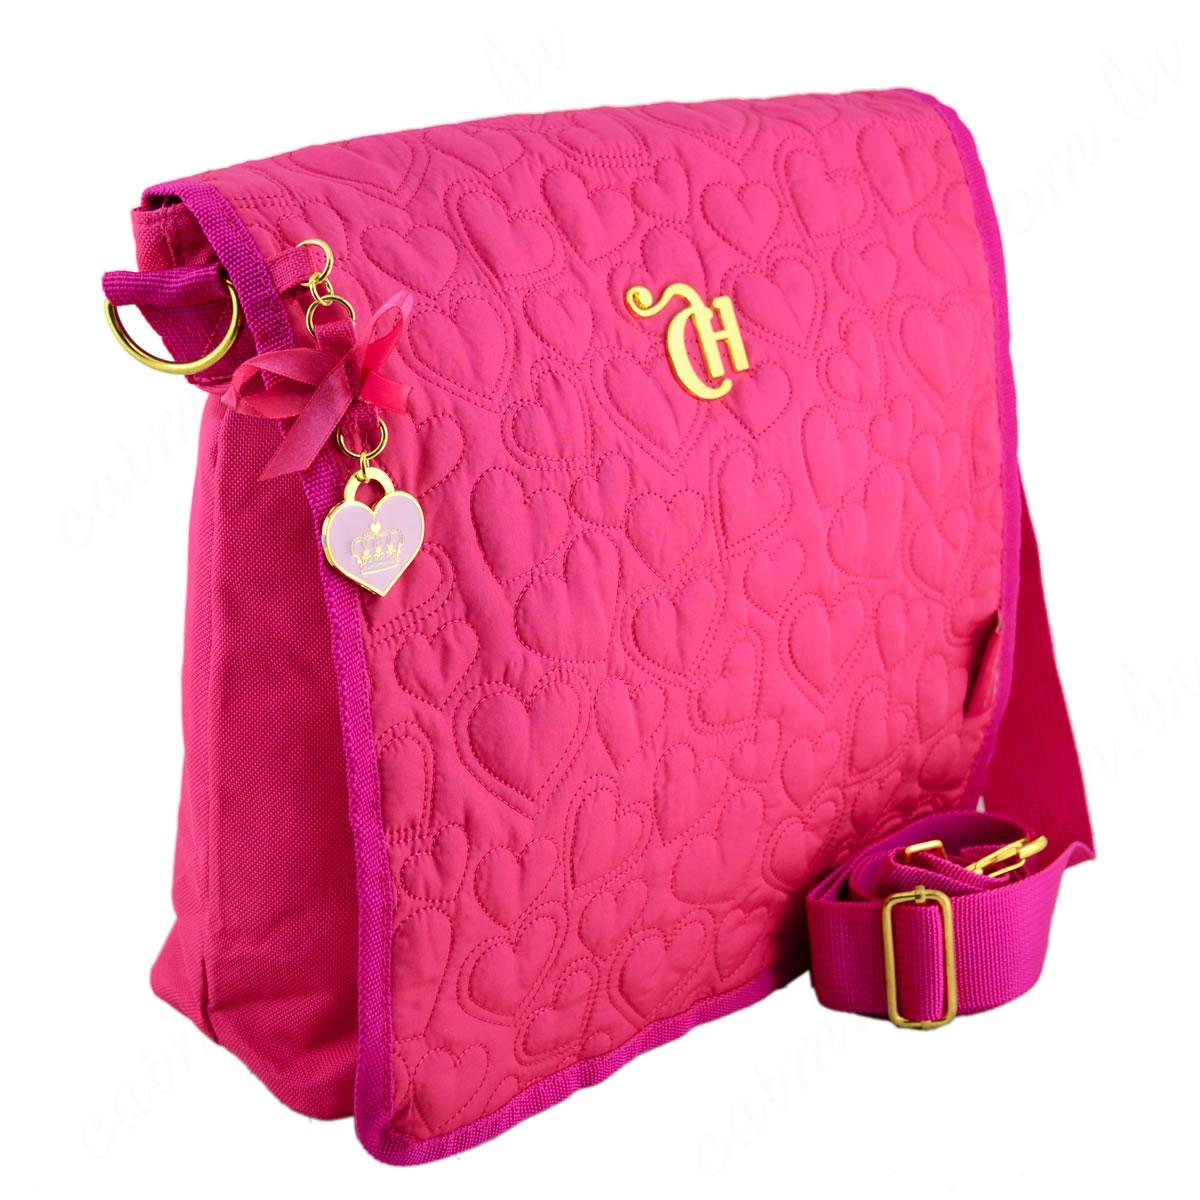 Bolsa Escolar Feminina Transversal : Confira as mais belas bolsas femininas capricho ideias mix